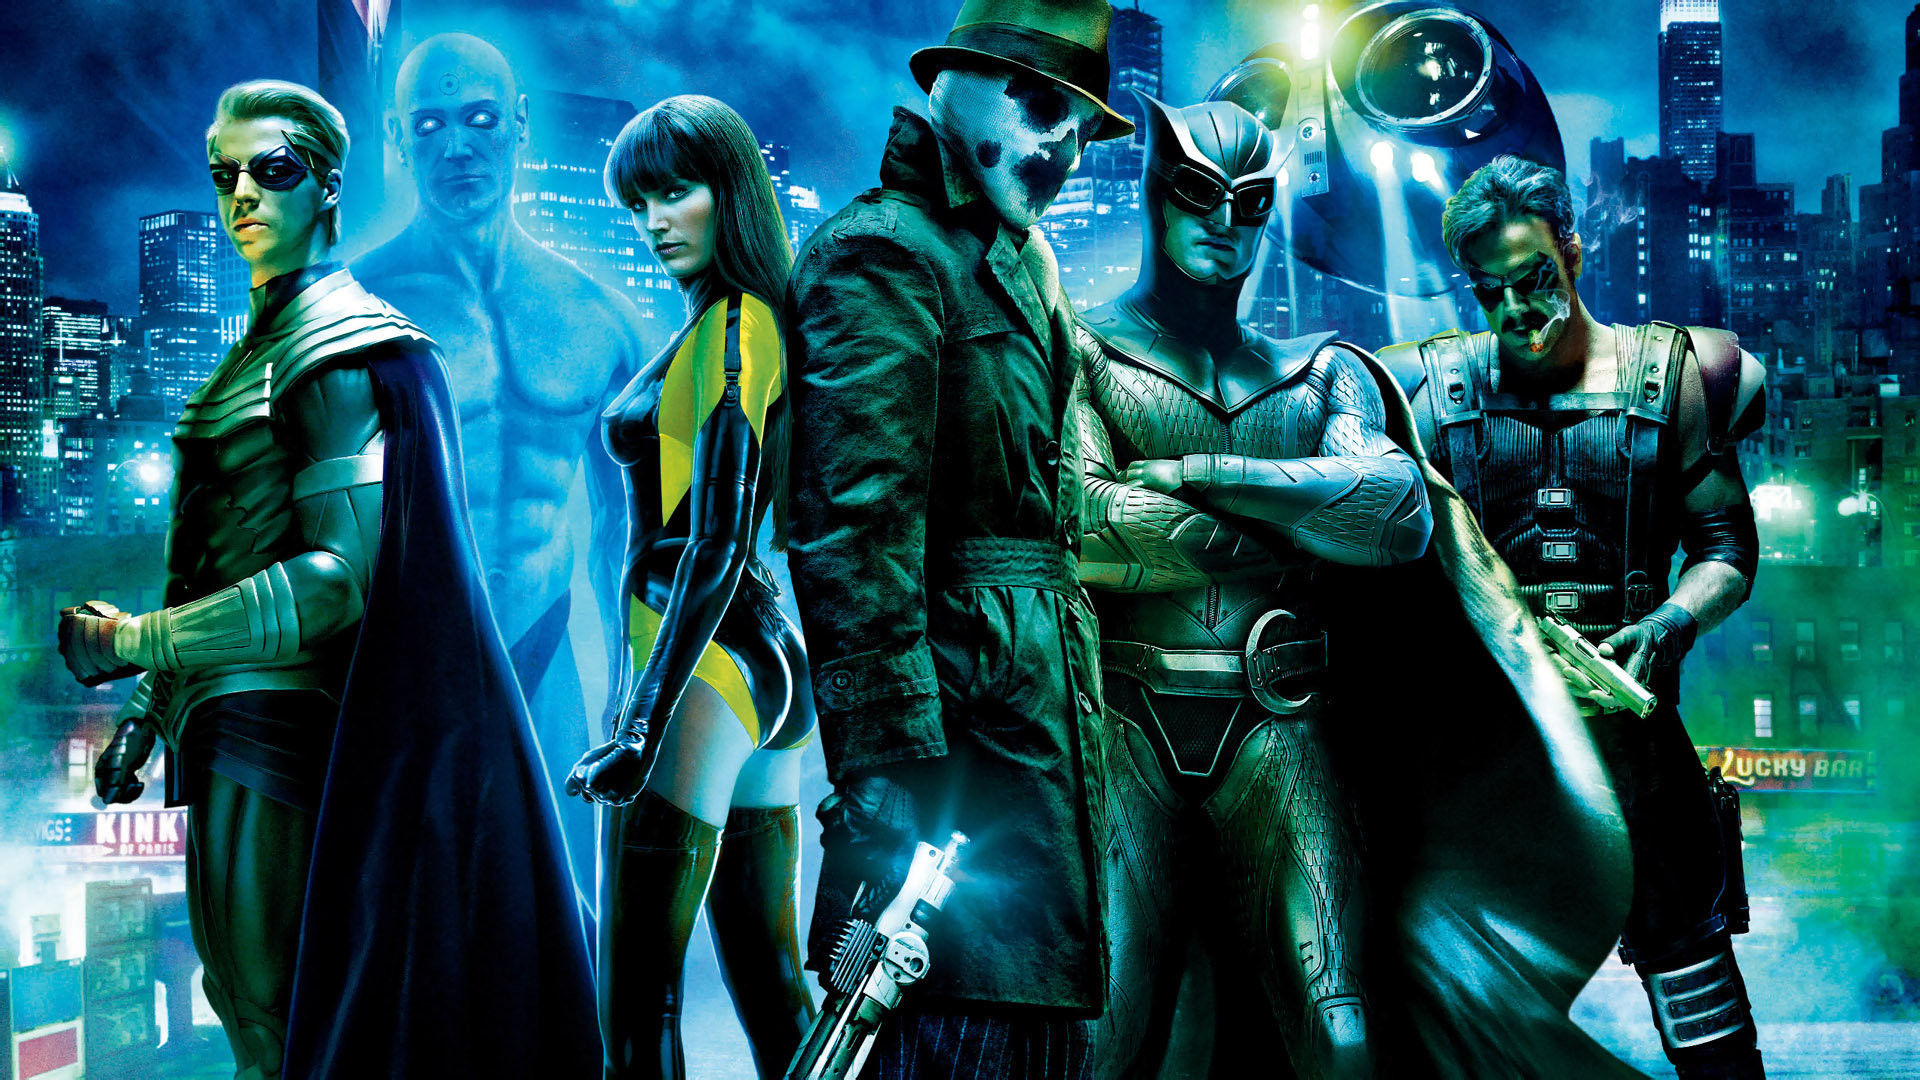 Watchmen-TV-Series-Show-Zack-Snyder.jpg